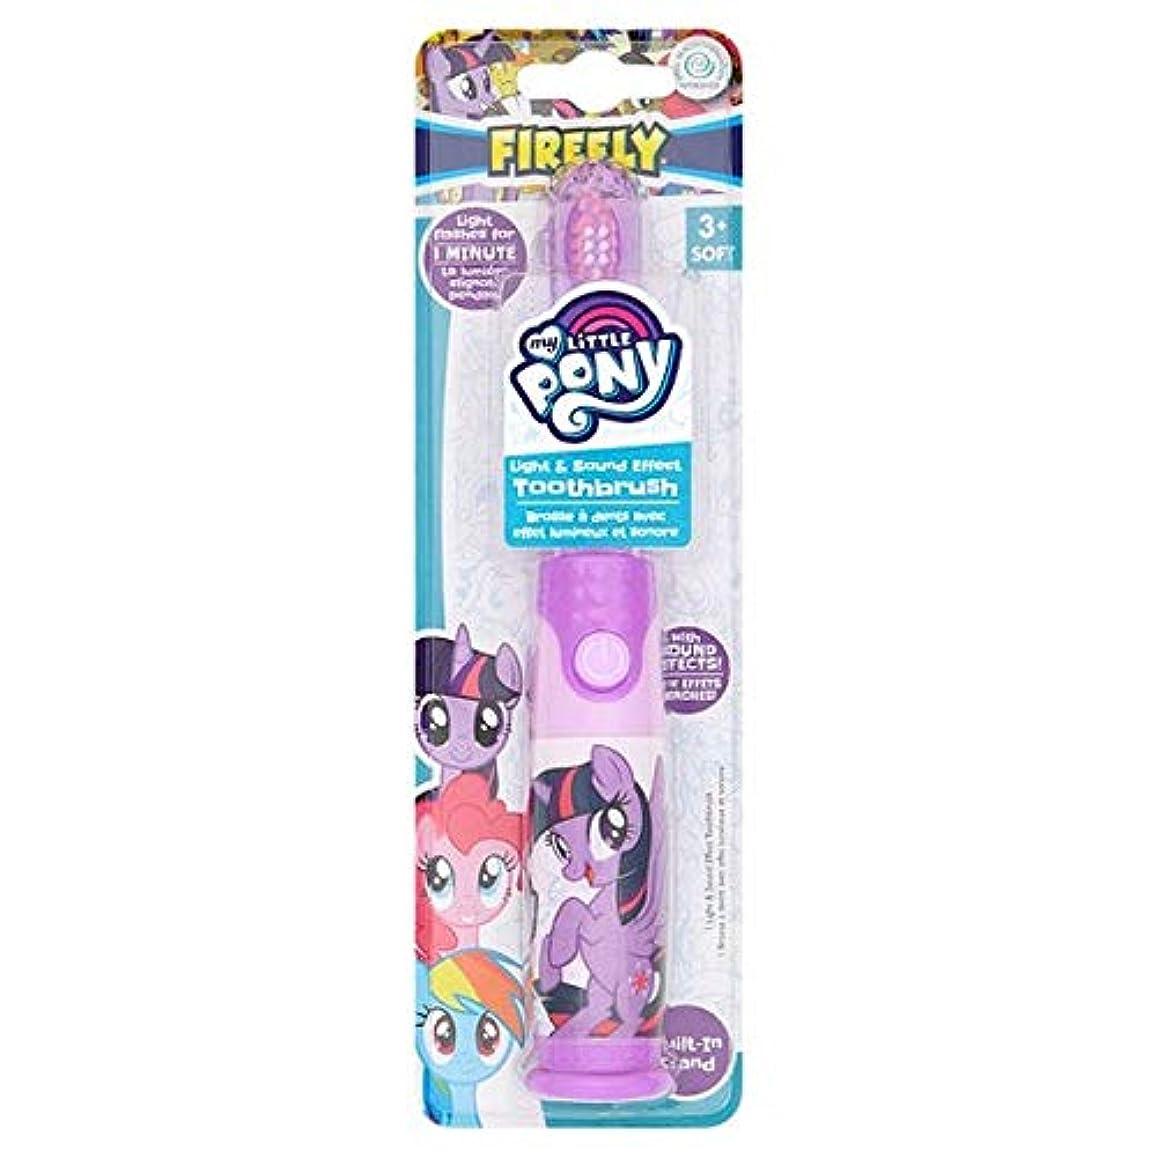 熱心な微視的ペナルティ[Firefly ] 私の小さなポニーのホタルの光と音の歯ブラシ - My Little Pony Firefly Light And Sound Toothbrush [並行輸入品]